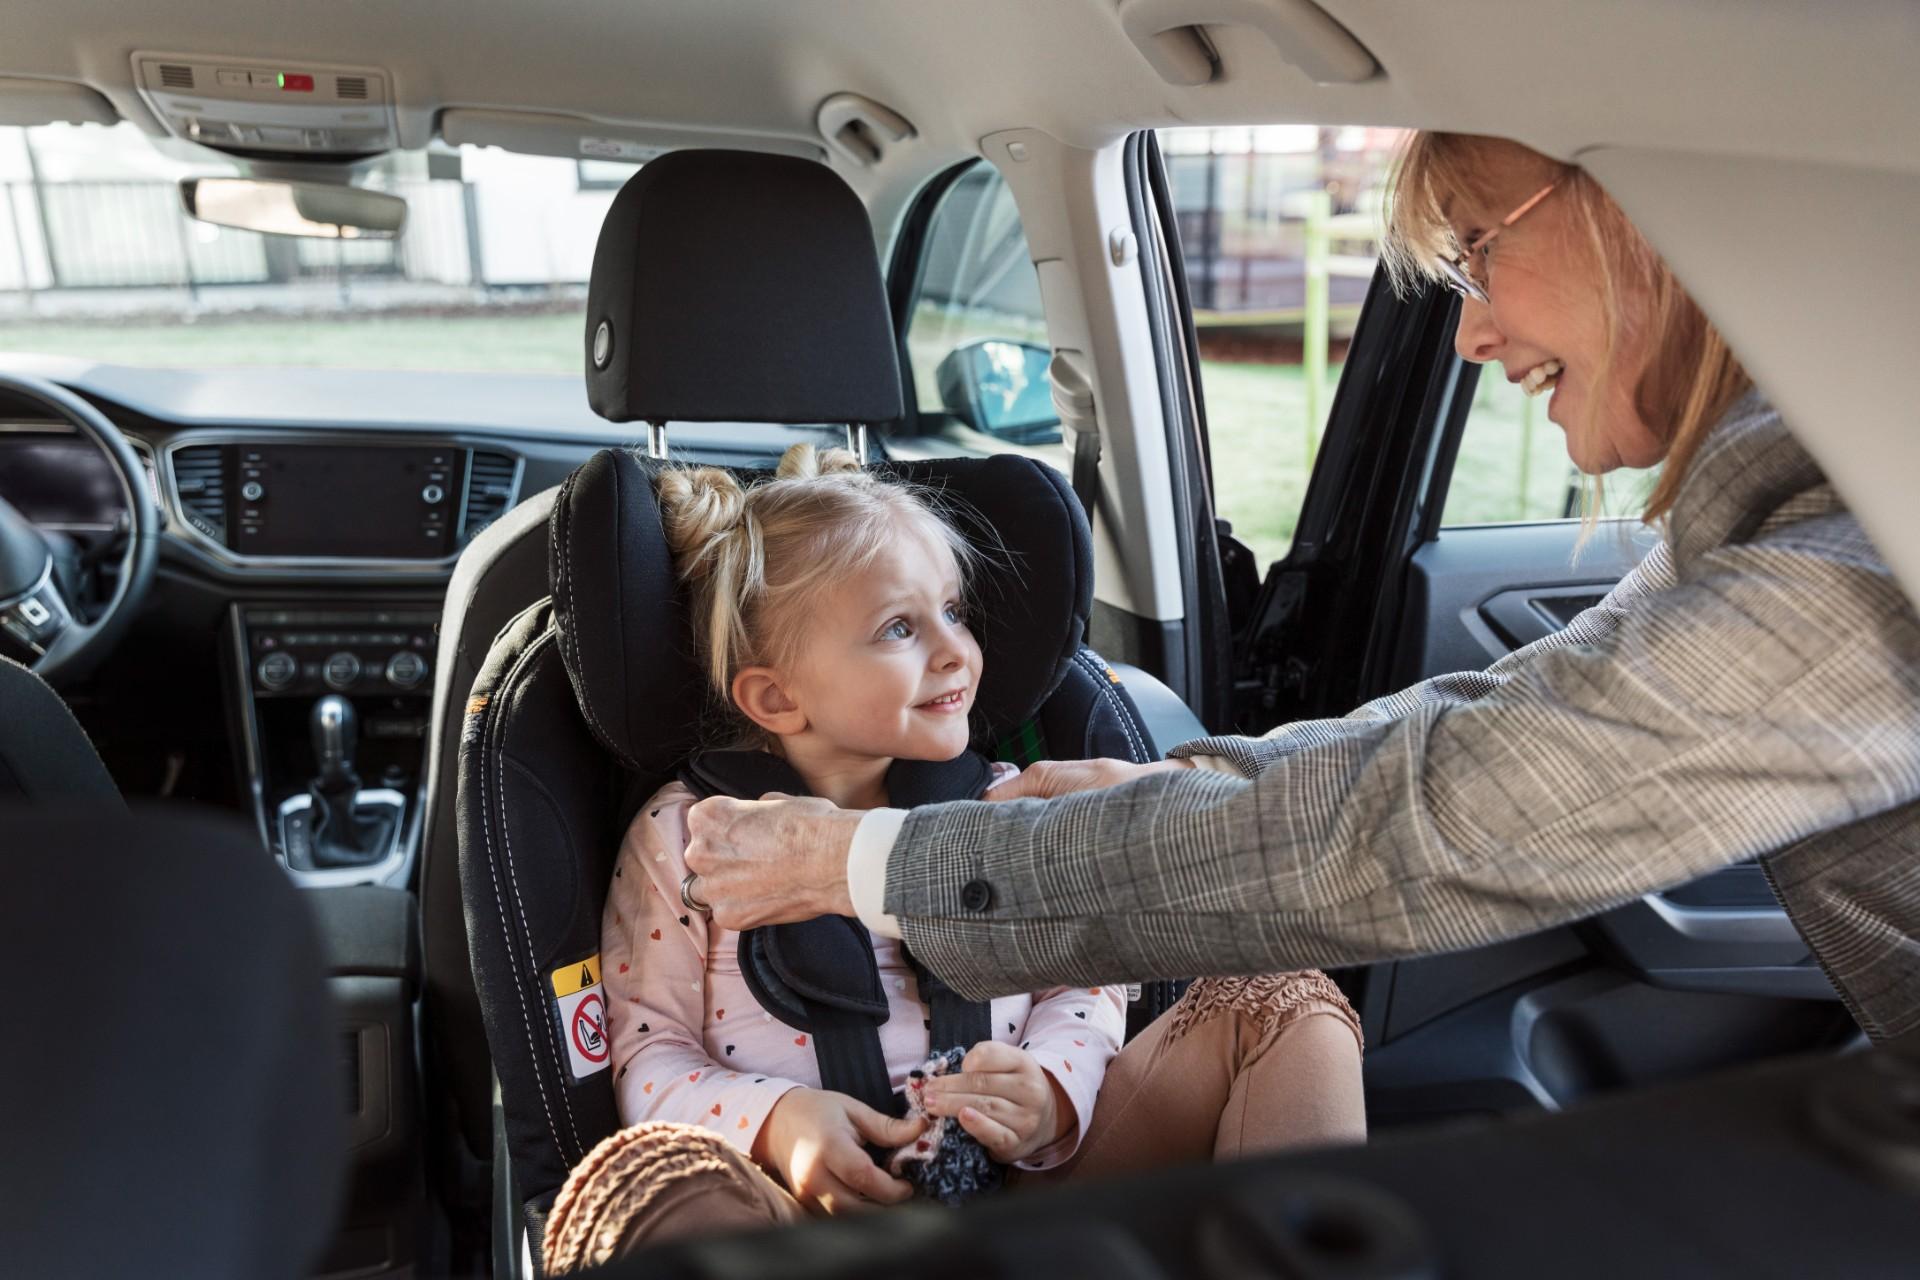 Studie zeigt: fast 50% aller Kleinkinder sind nicht ordnungsgemäß angeschnallt